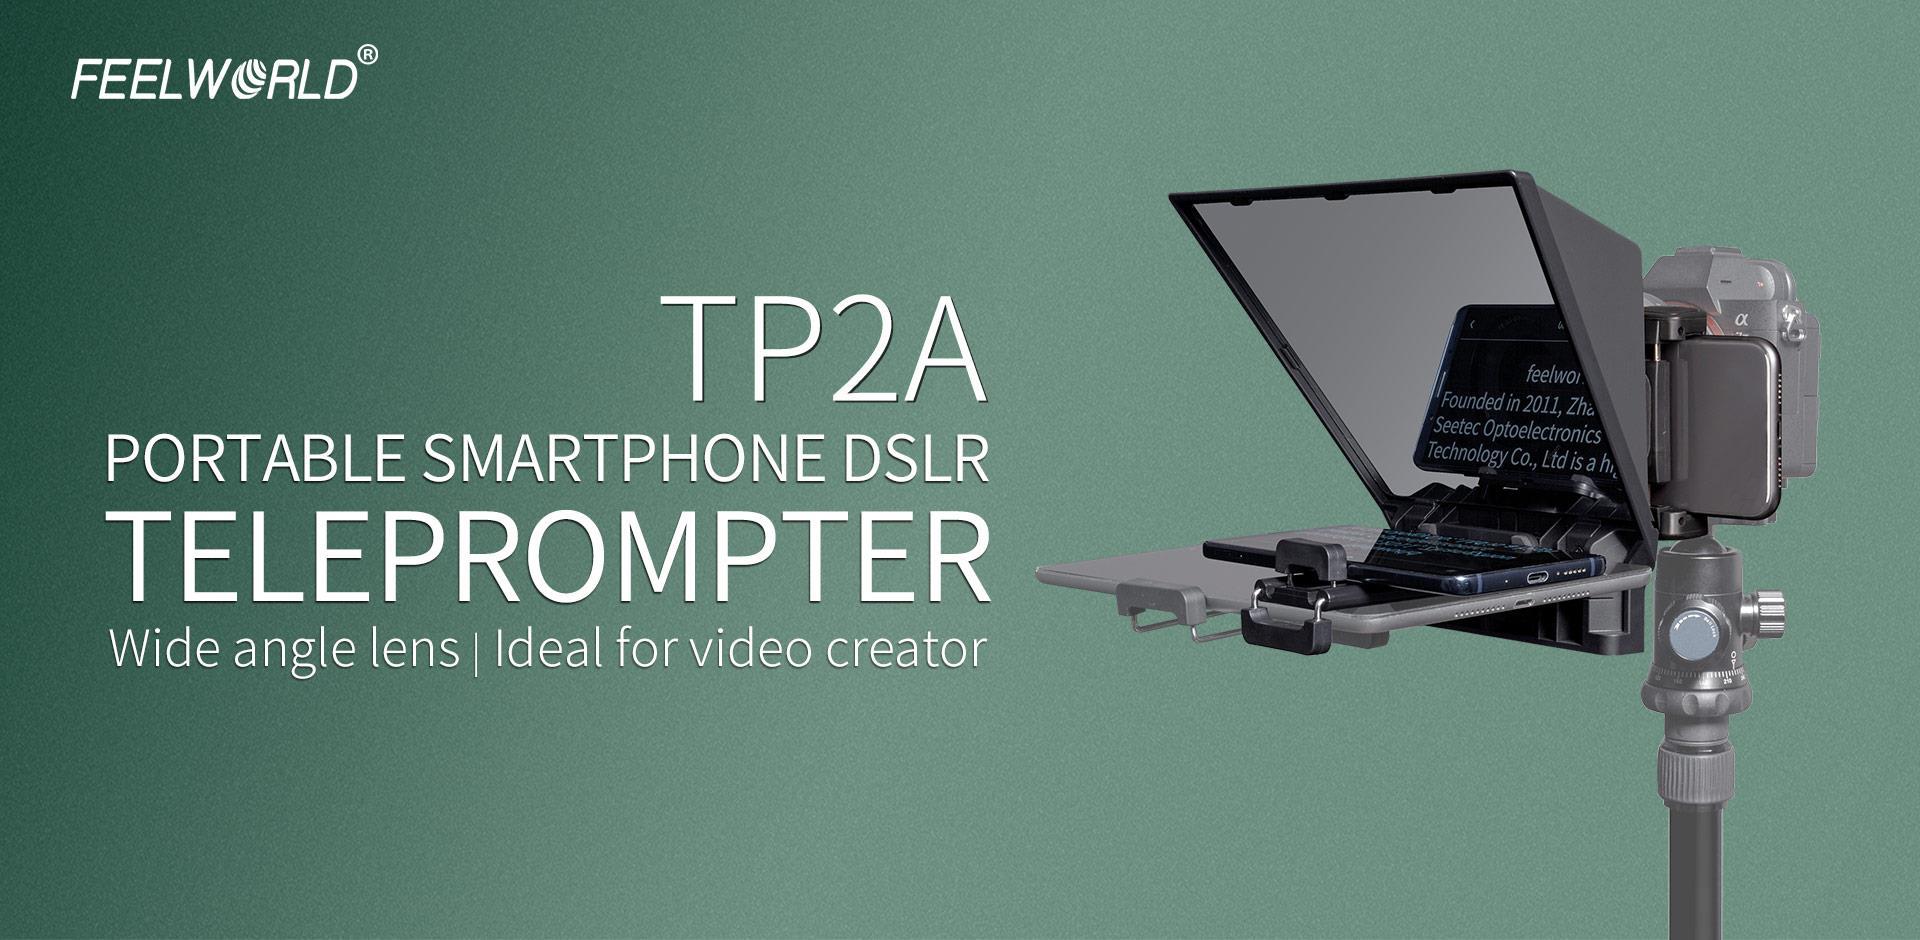 phone dslr teleprompter